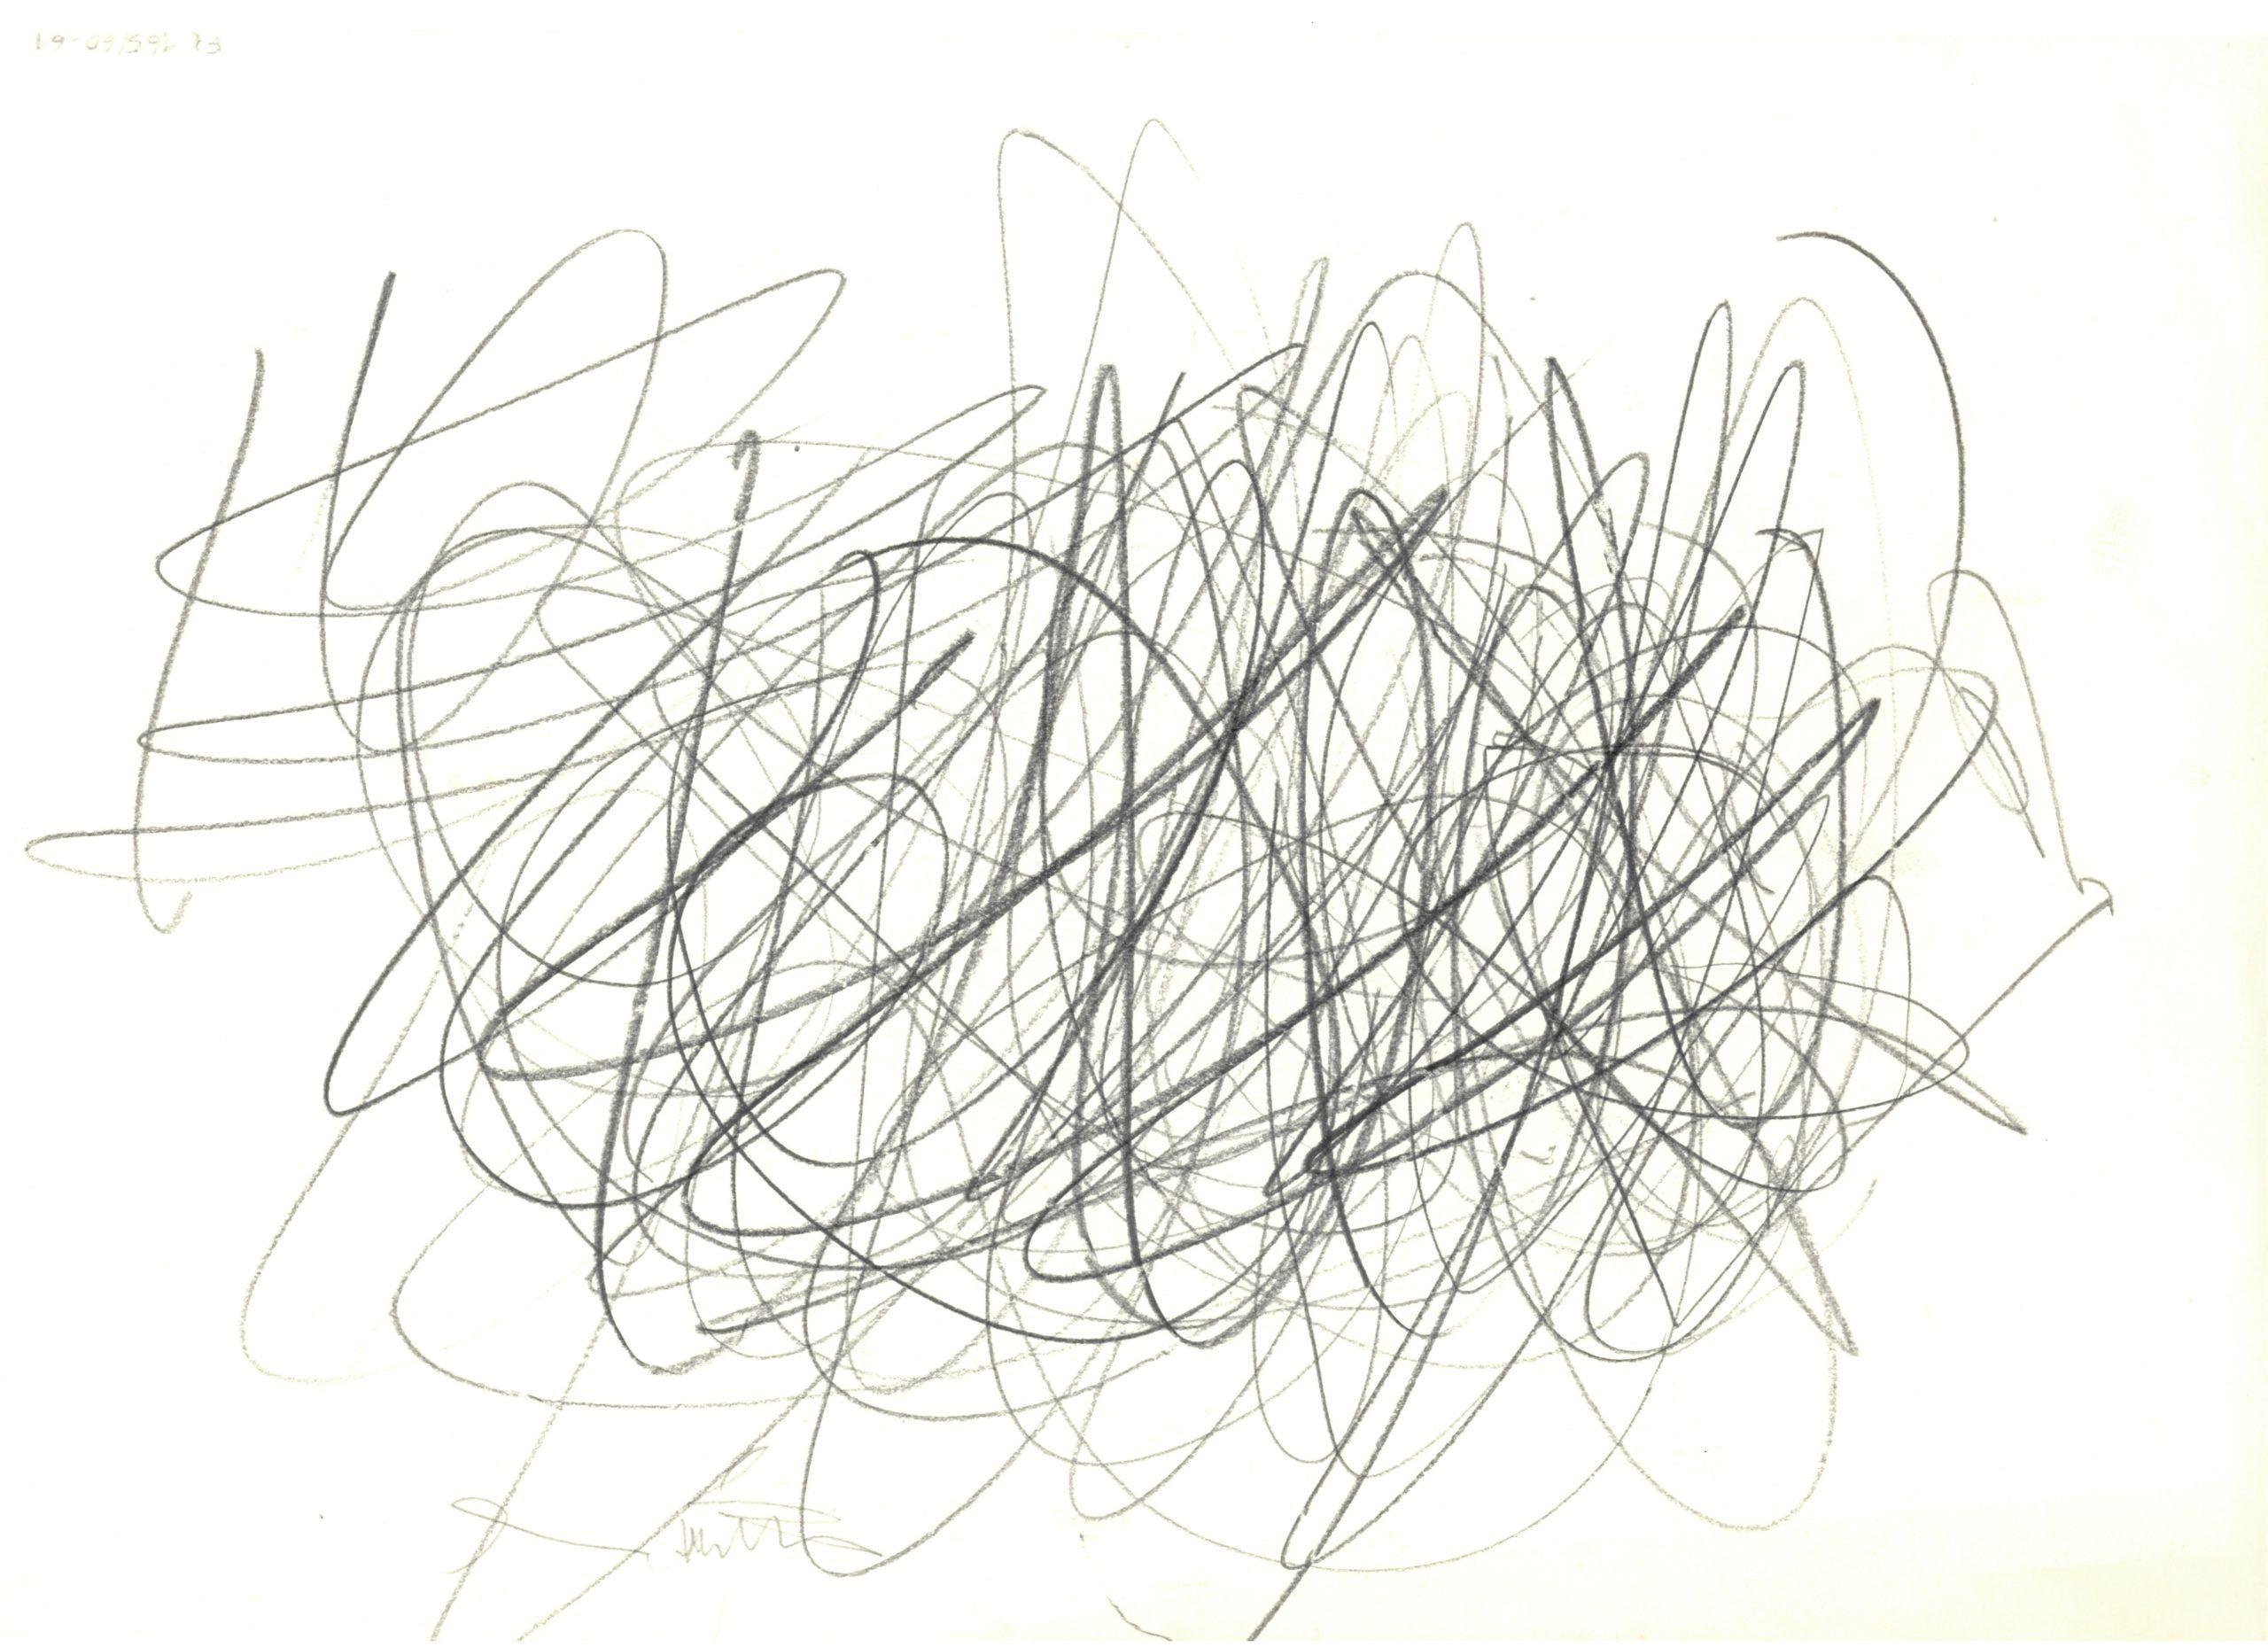 Galerie RX - Hermann NITSCH, Informelle Zeichnung, 1960, Crayon sur papier, 21 x 29,7 cm